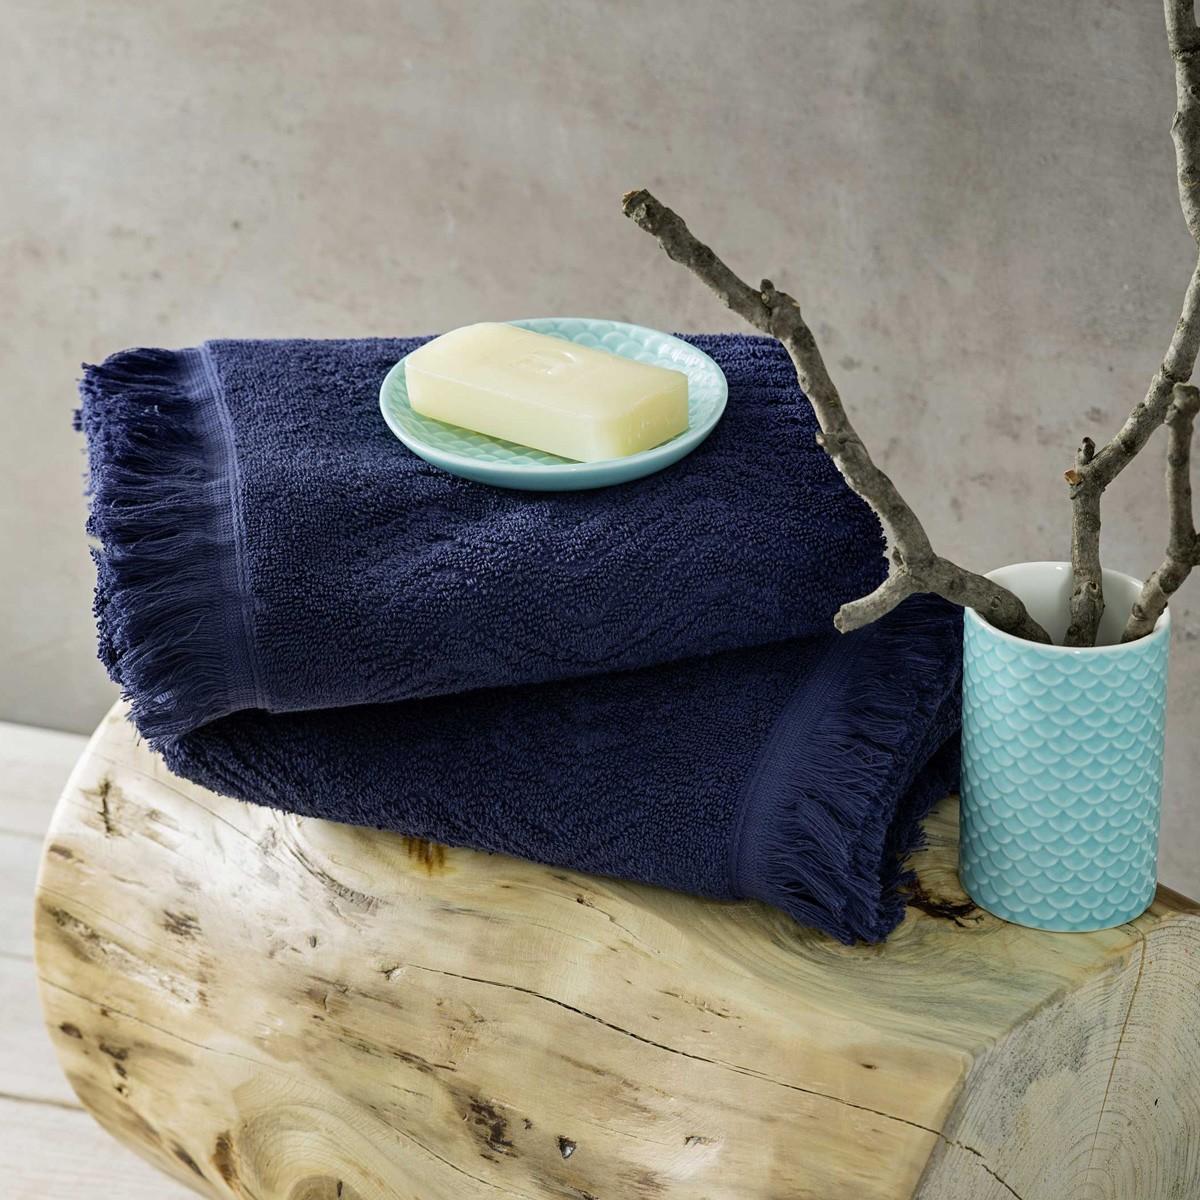 Πετσέτες Μπάνιου (Σετ 3τμχ) Nima Towels Indigo